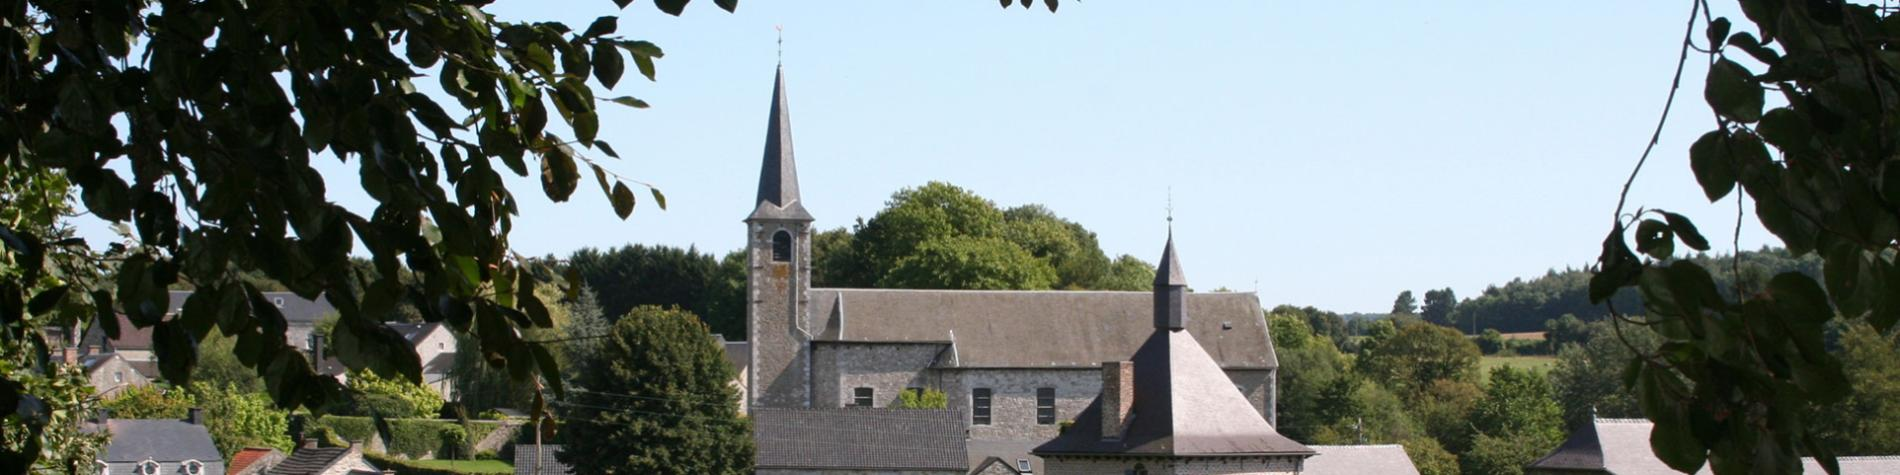 Les plus beaux villages de Wallonie - Mozet - clocher - paysage - ciel bleu - nature